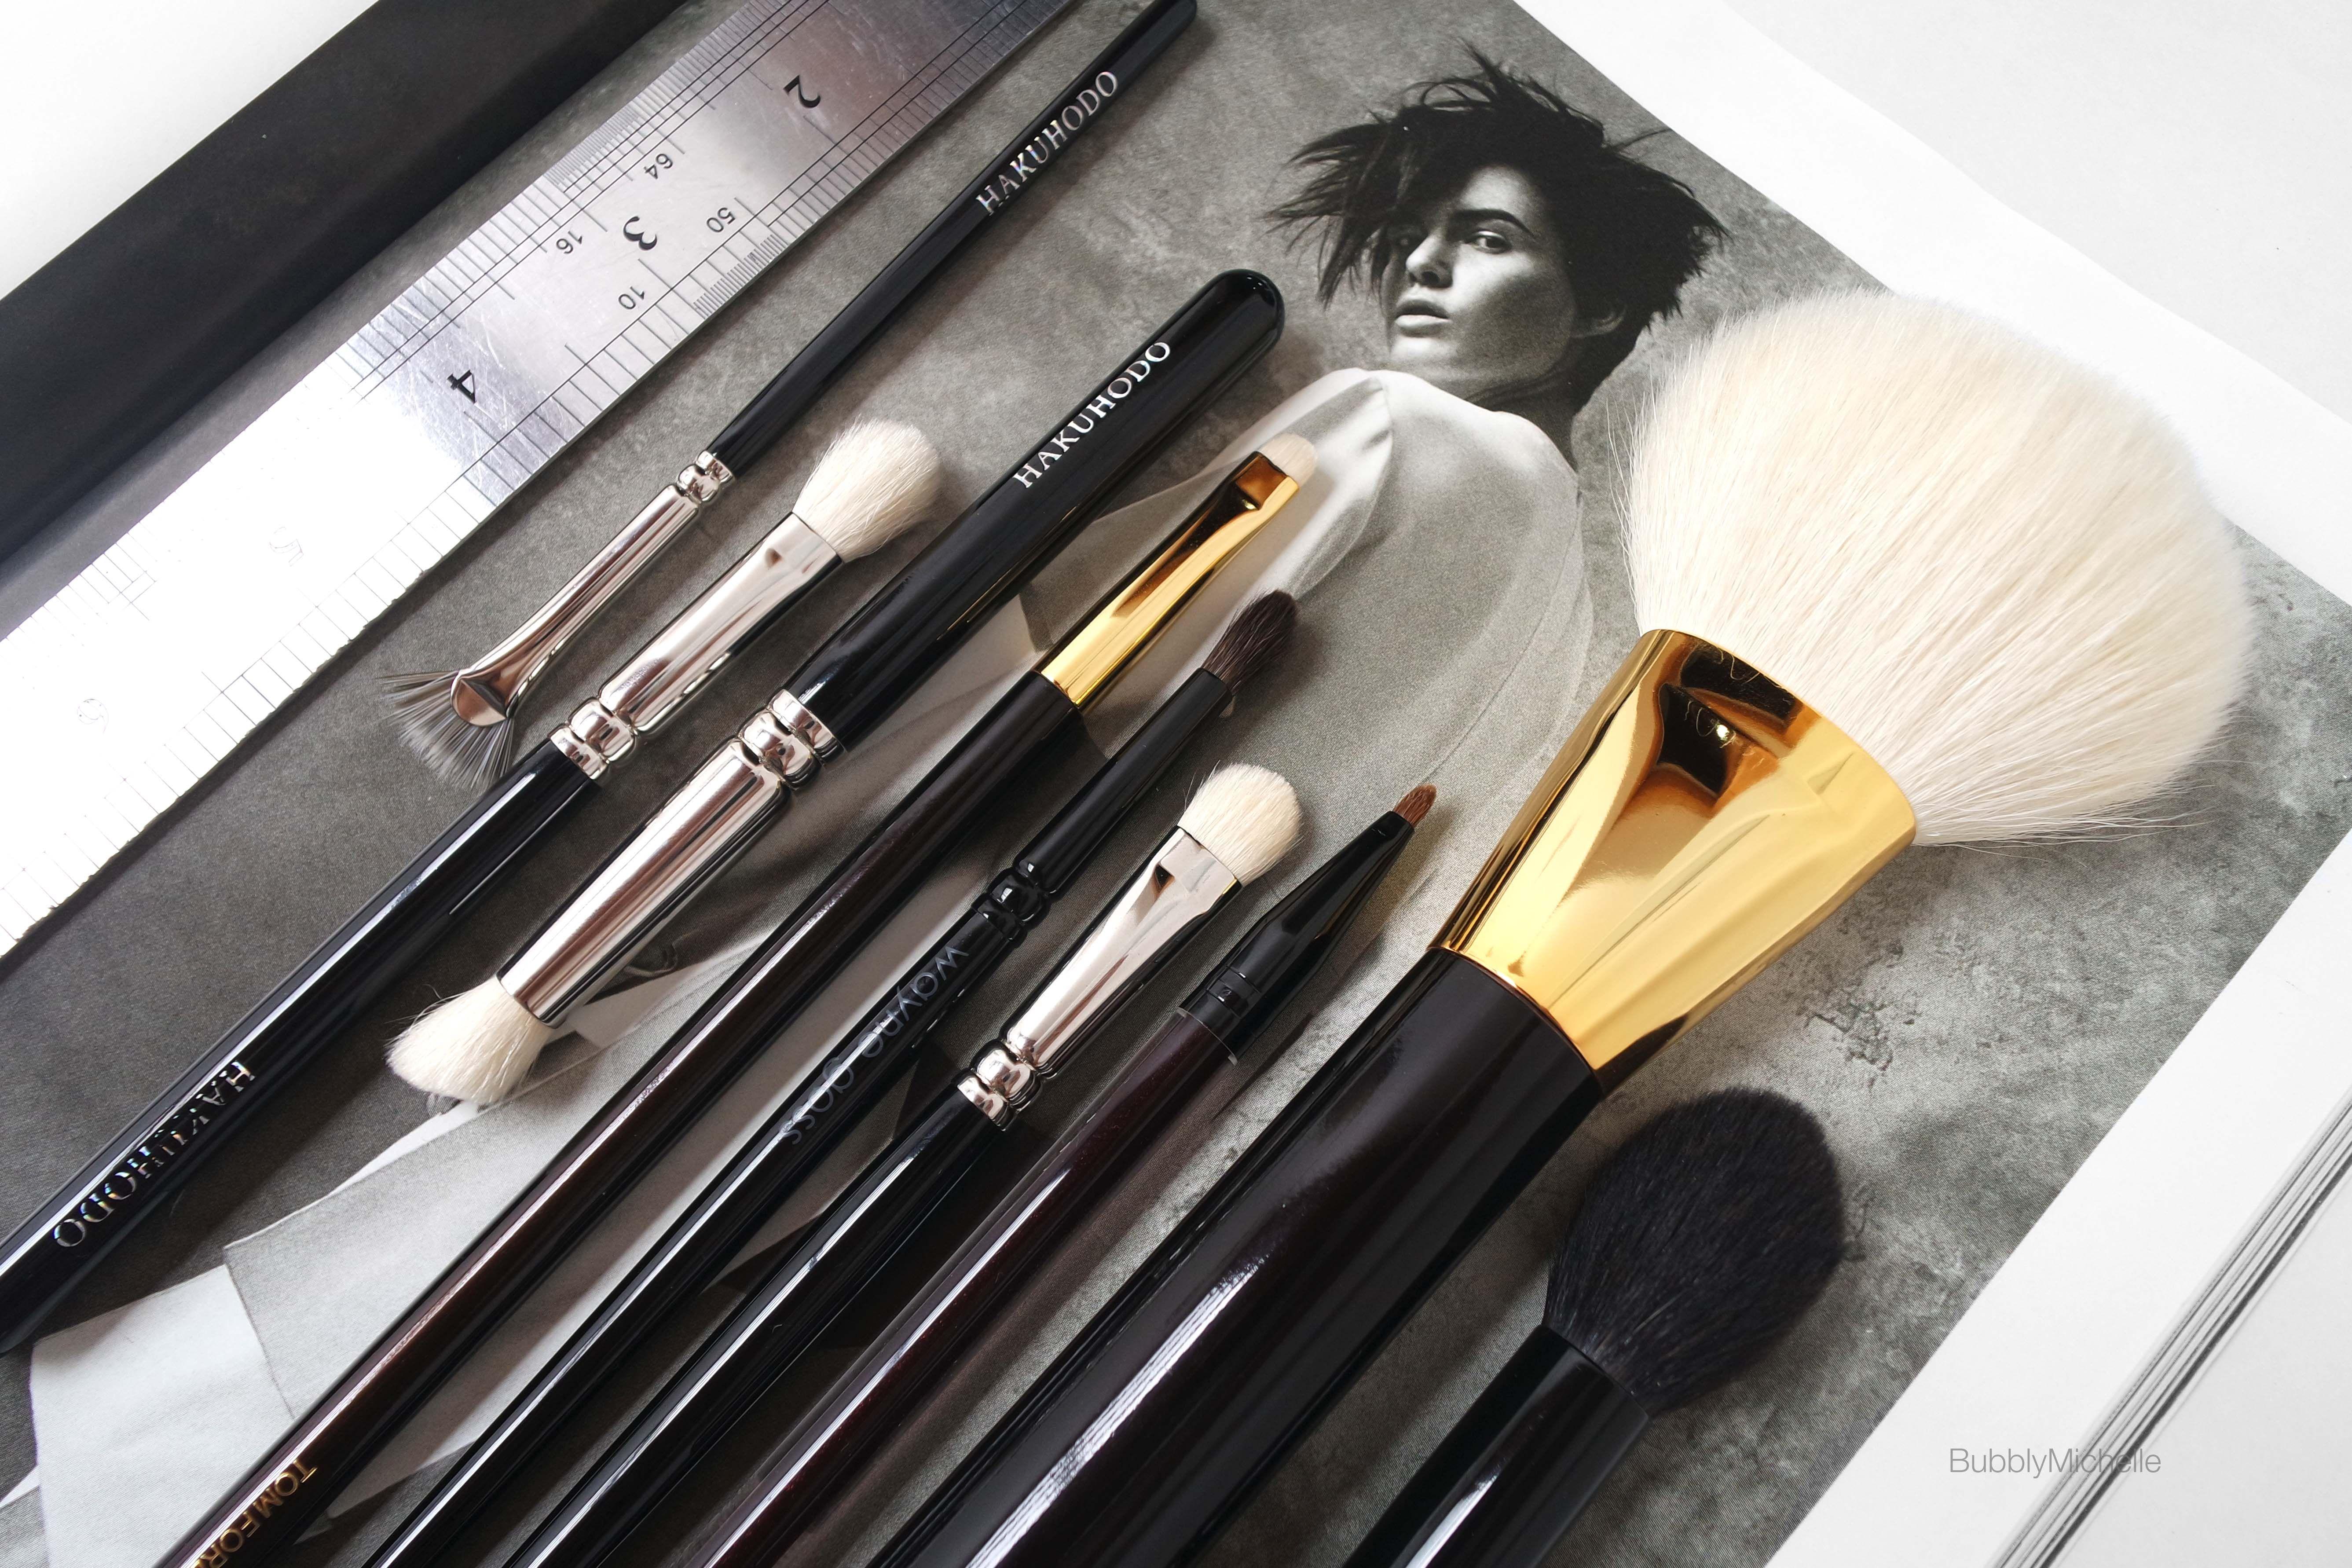 Top 10* Makeup Brushes (Tom Ford, Hakuhodo, Wayne Goss